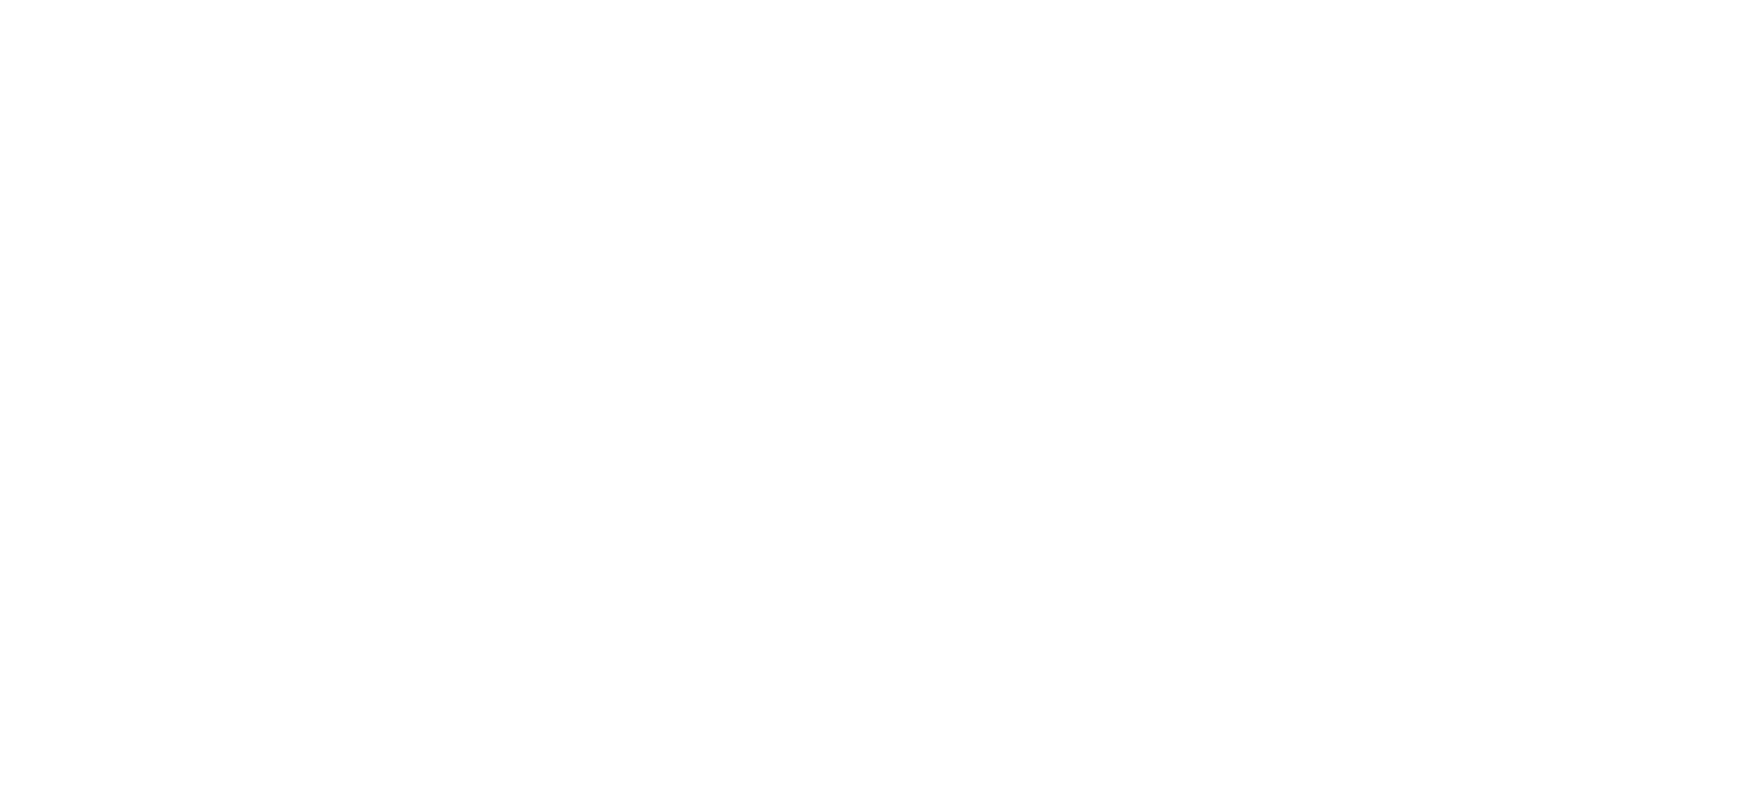 spa_at_home_logo-29